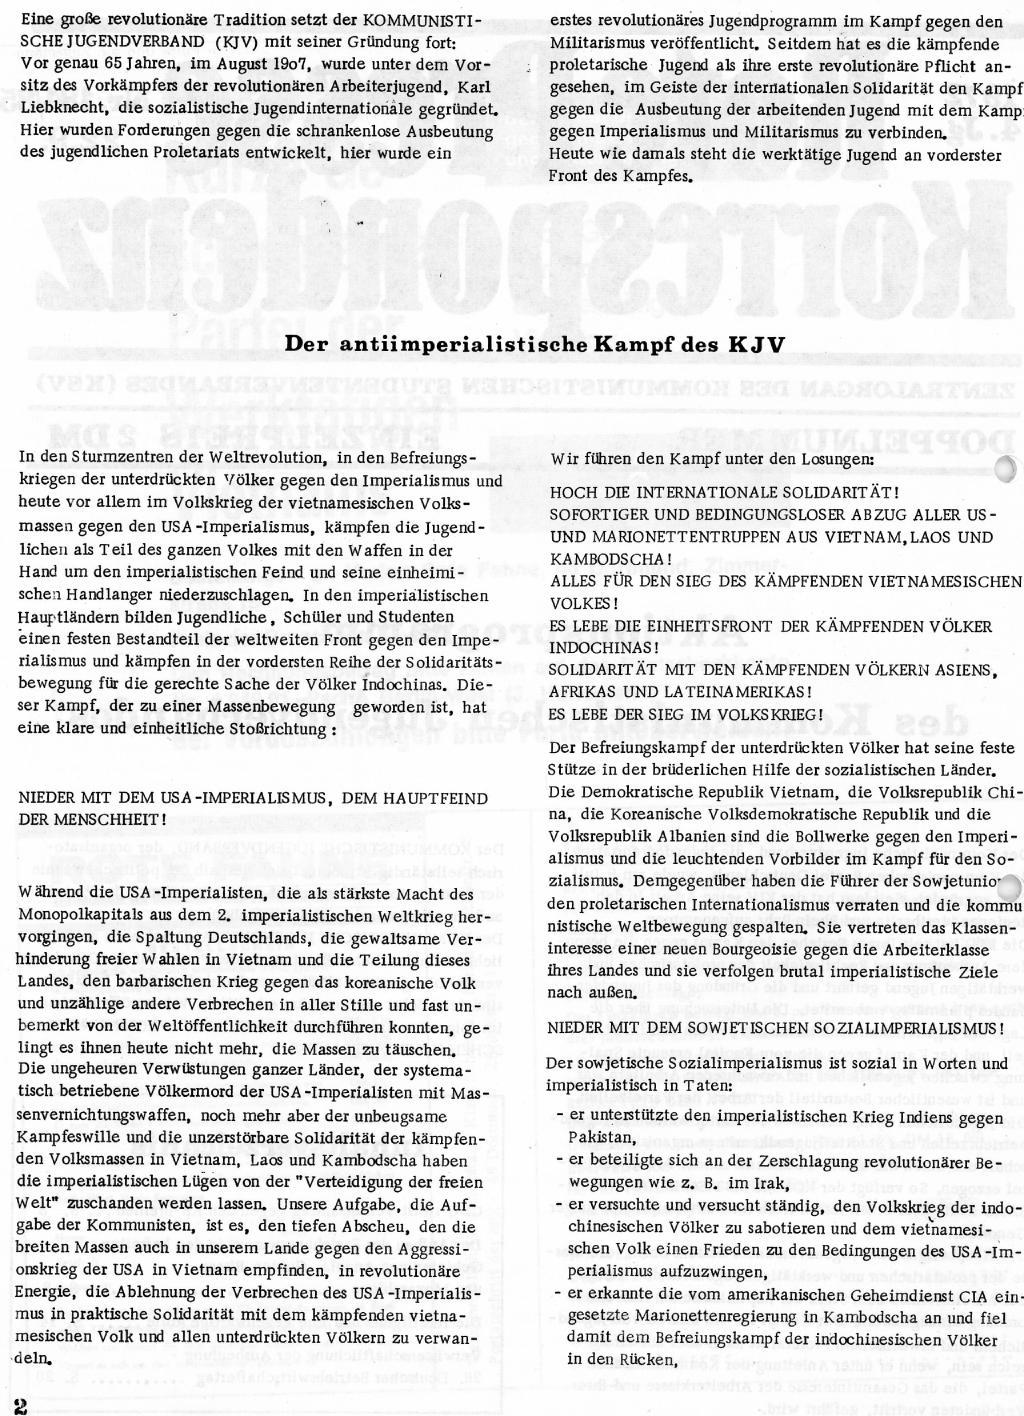 RPK_1972_184_185_02